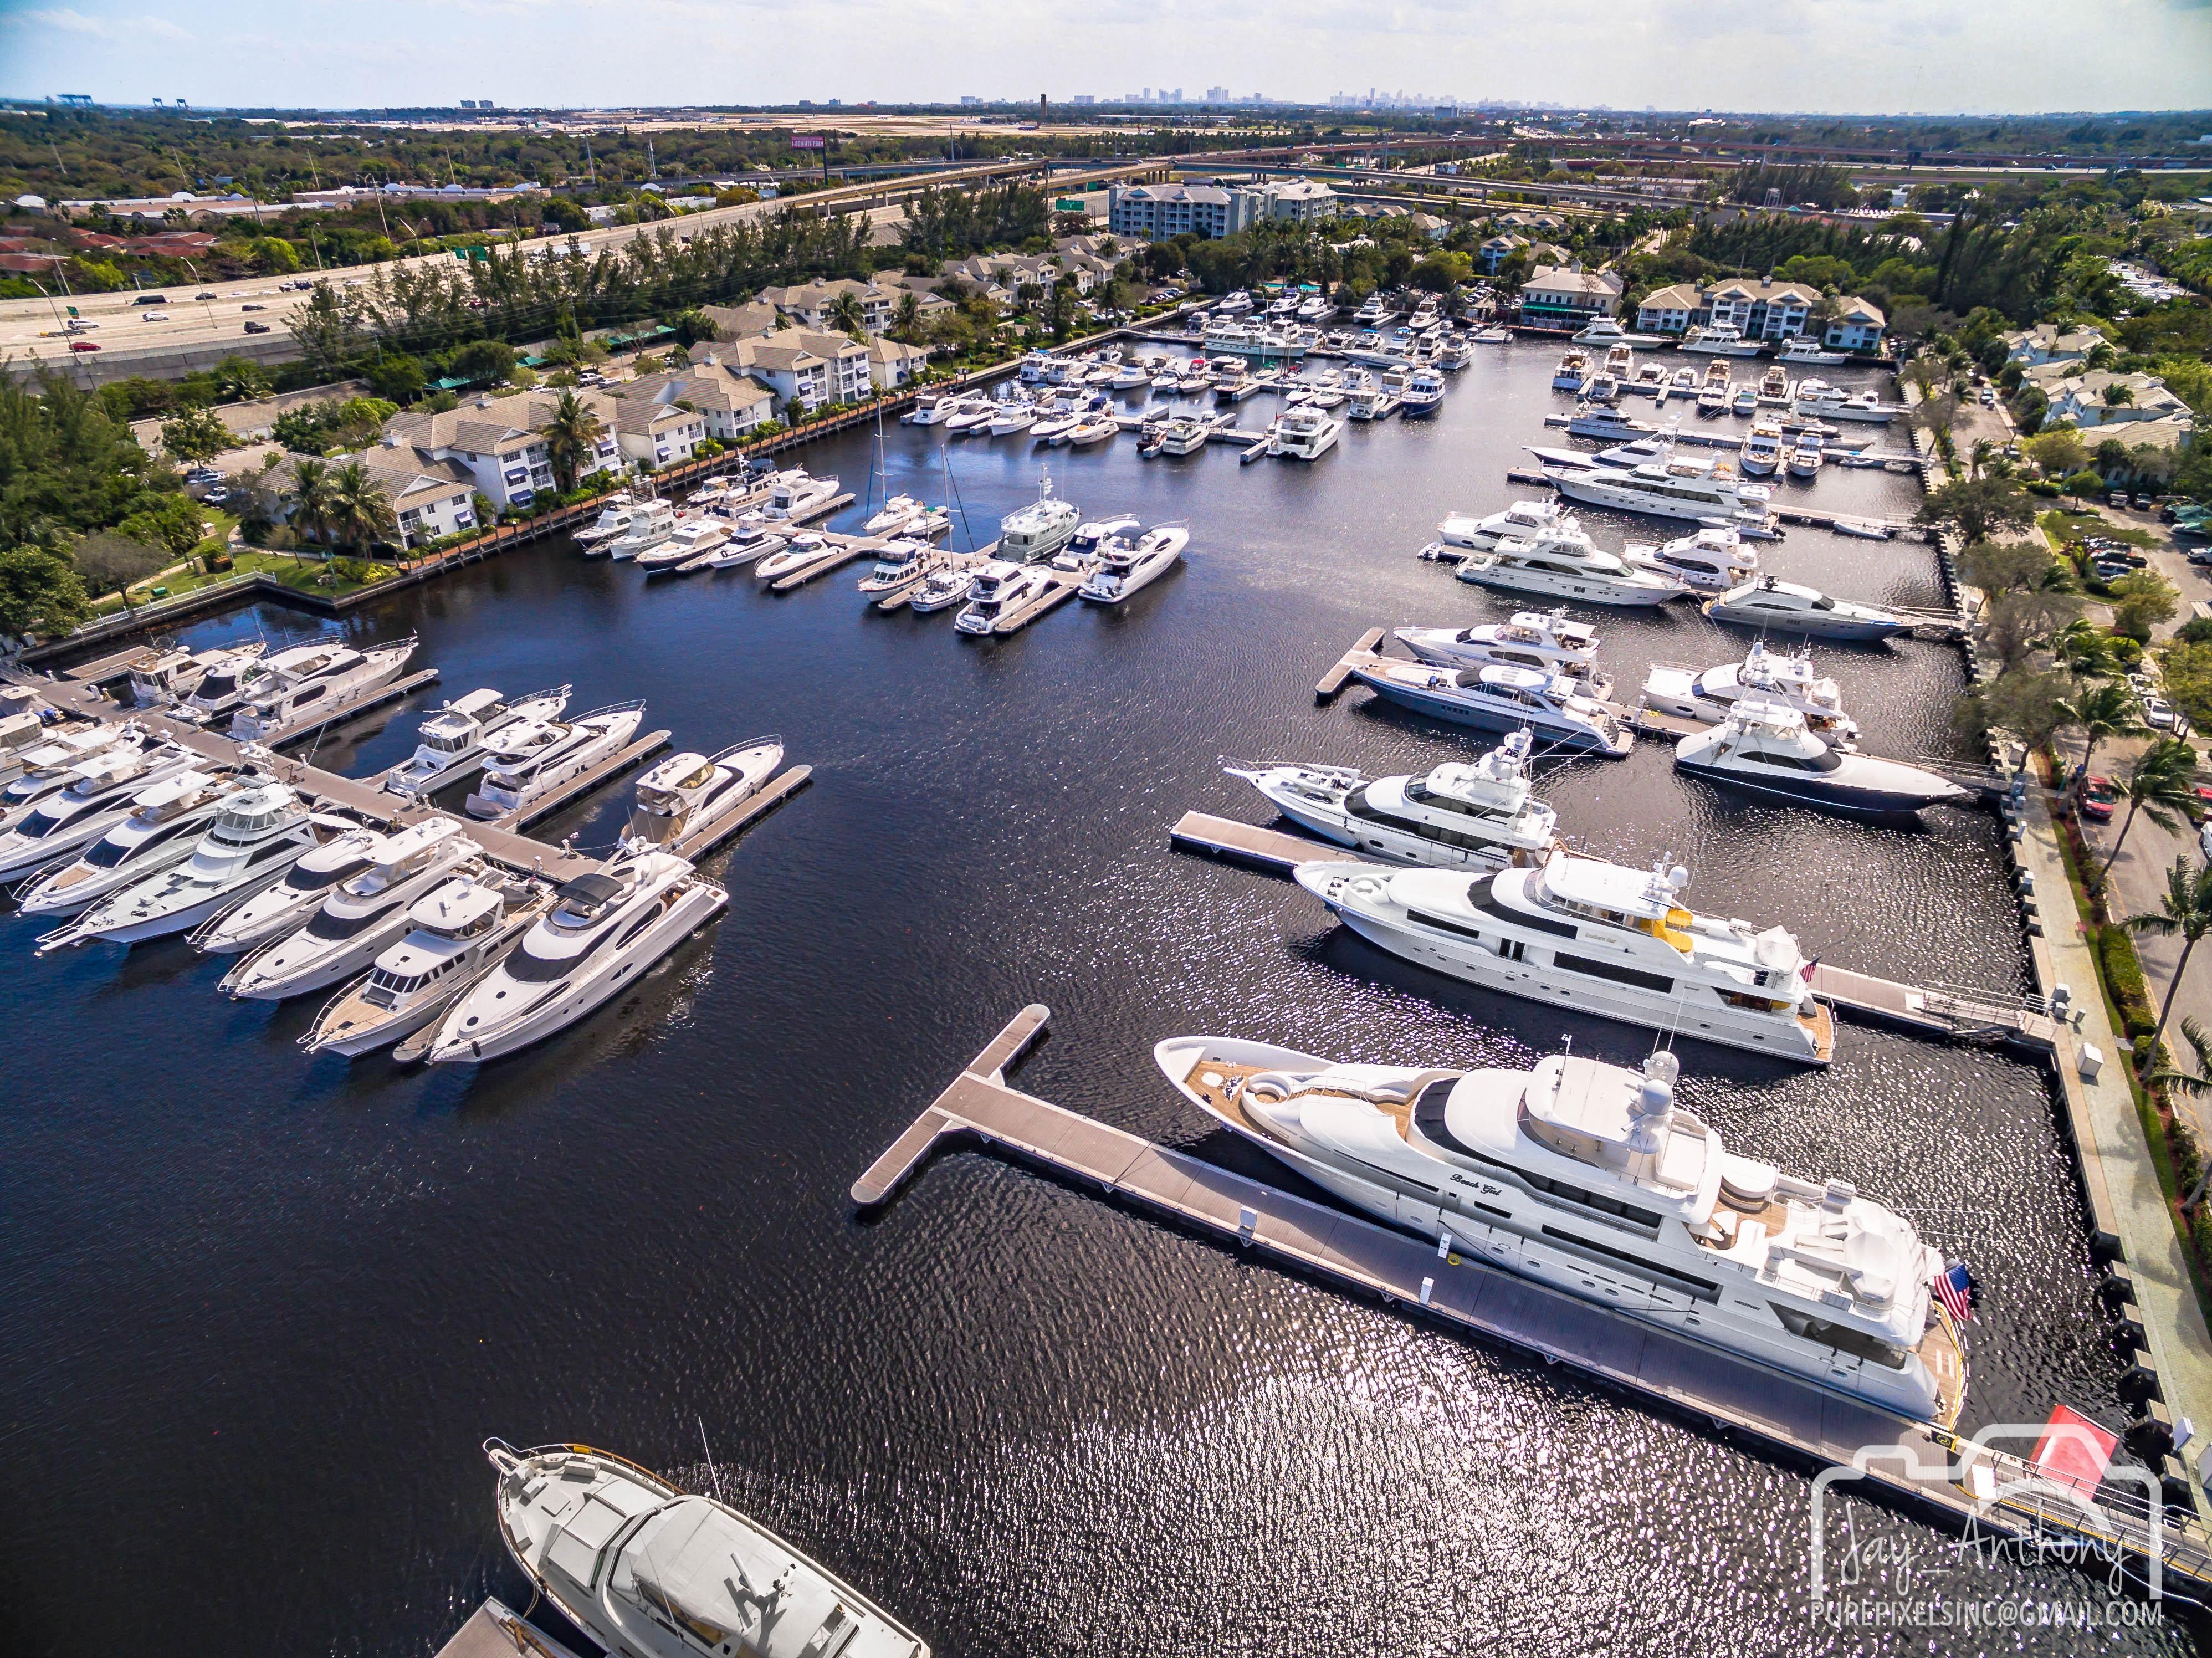 26 North Yachts Linkedin